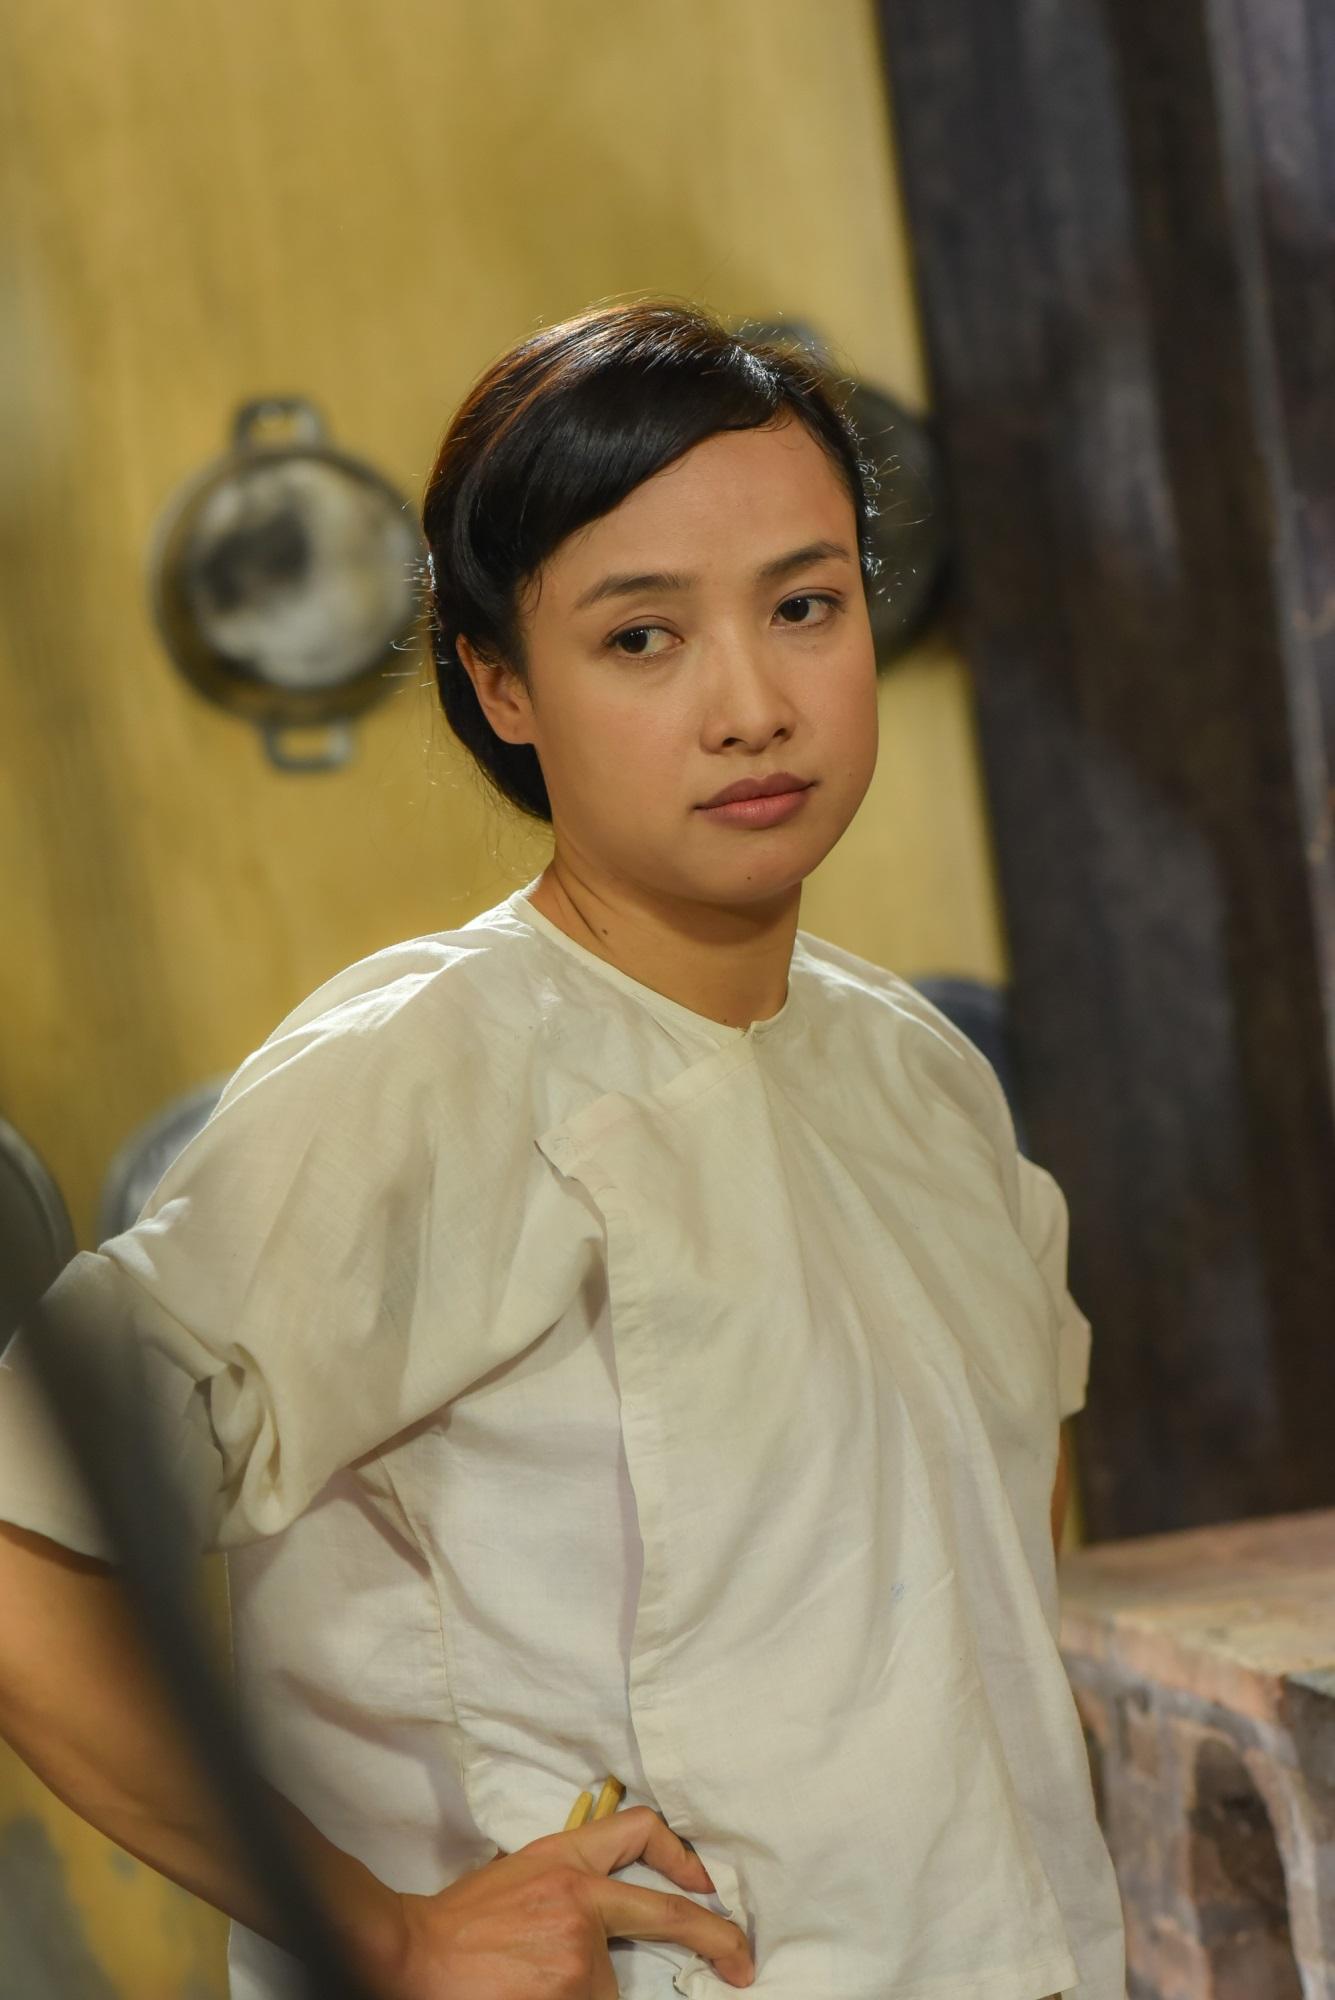 'Tiếng sét trong mưa': Cao Minh Đạt đánh bằng roi mây thật, Lê Bê La bị thương, trúng gió trên phim trường - Ảnh 2